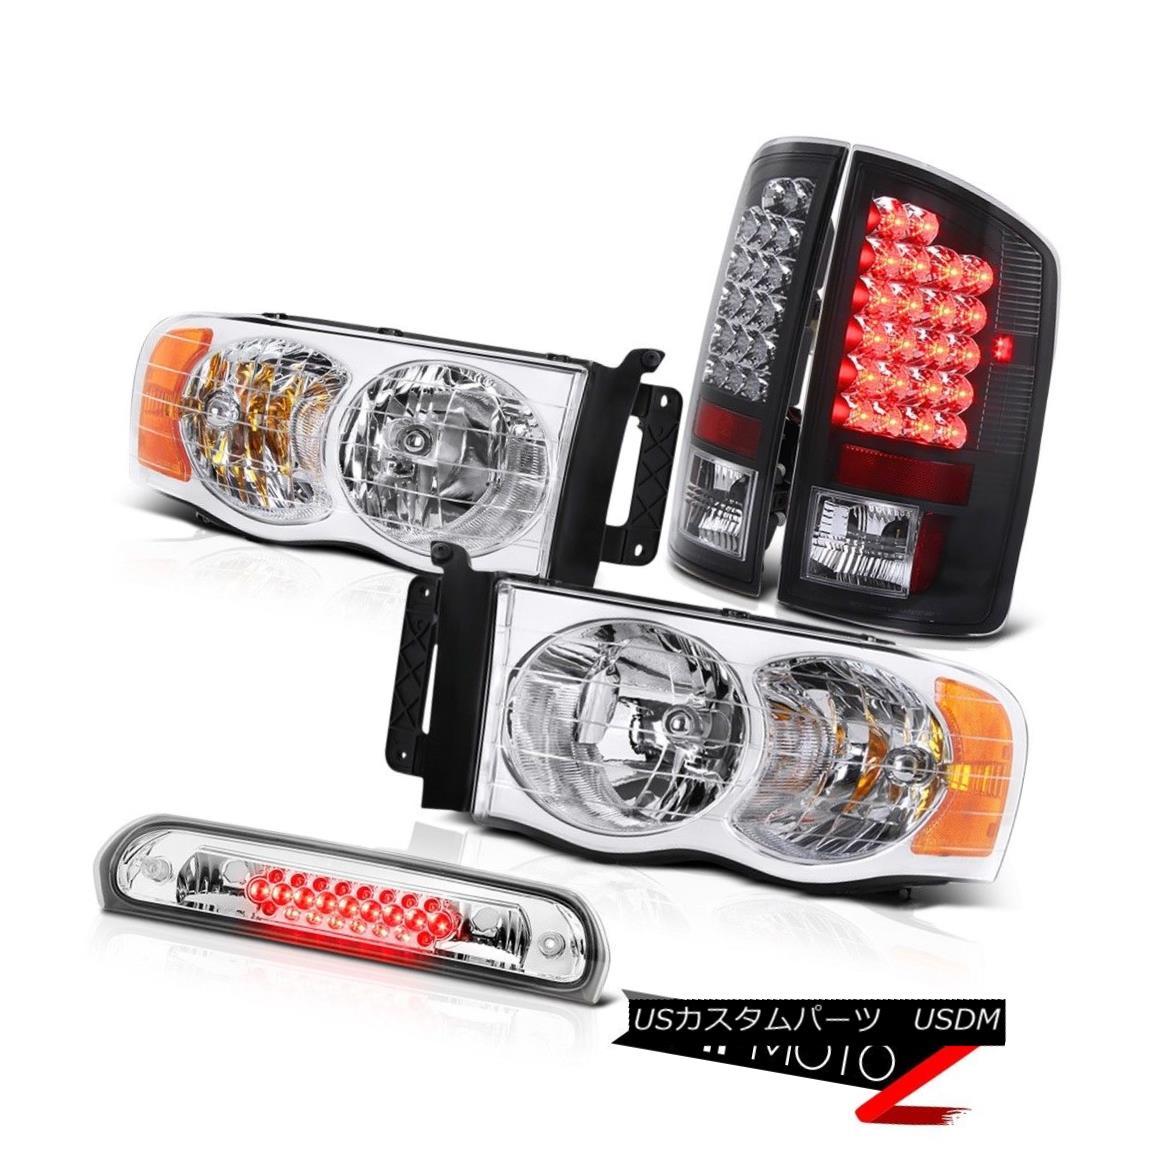 テールライト Crystal Headlights LED Black Taillights Third Brake Cargo 02 03 04 05 Ram 2500 クリスタルヘッドライトLEDブラックテールライト第3ブレーキ貨物02 03 04 05 Ram 2500